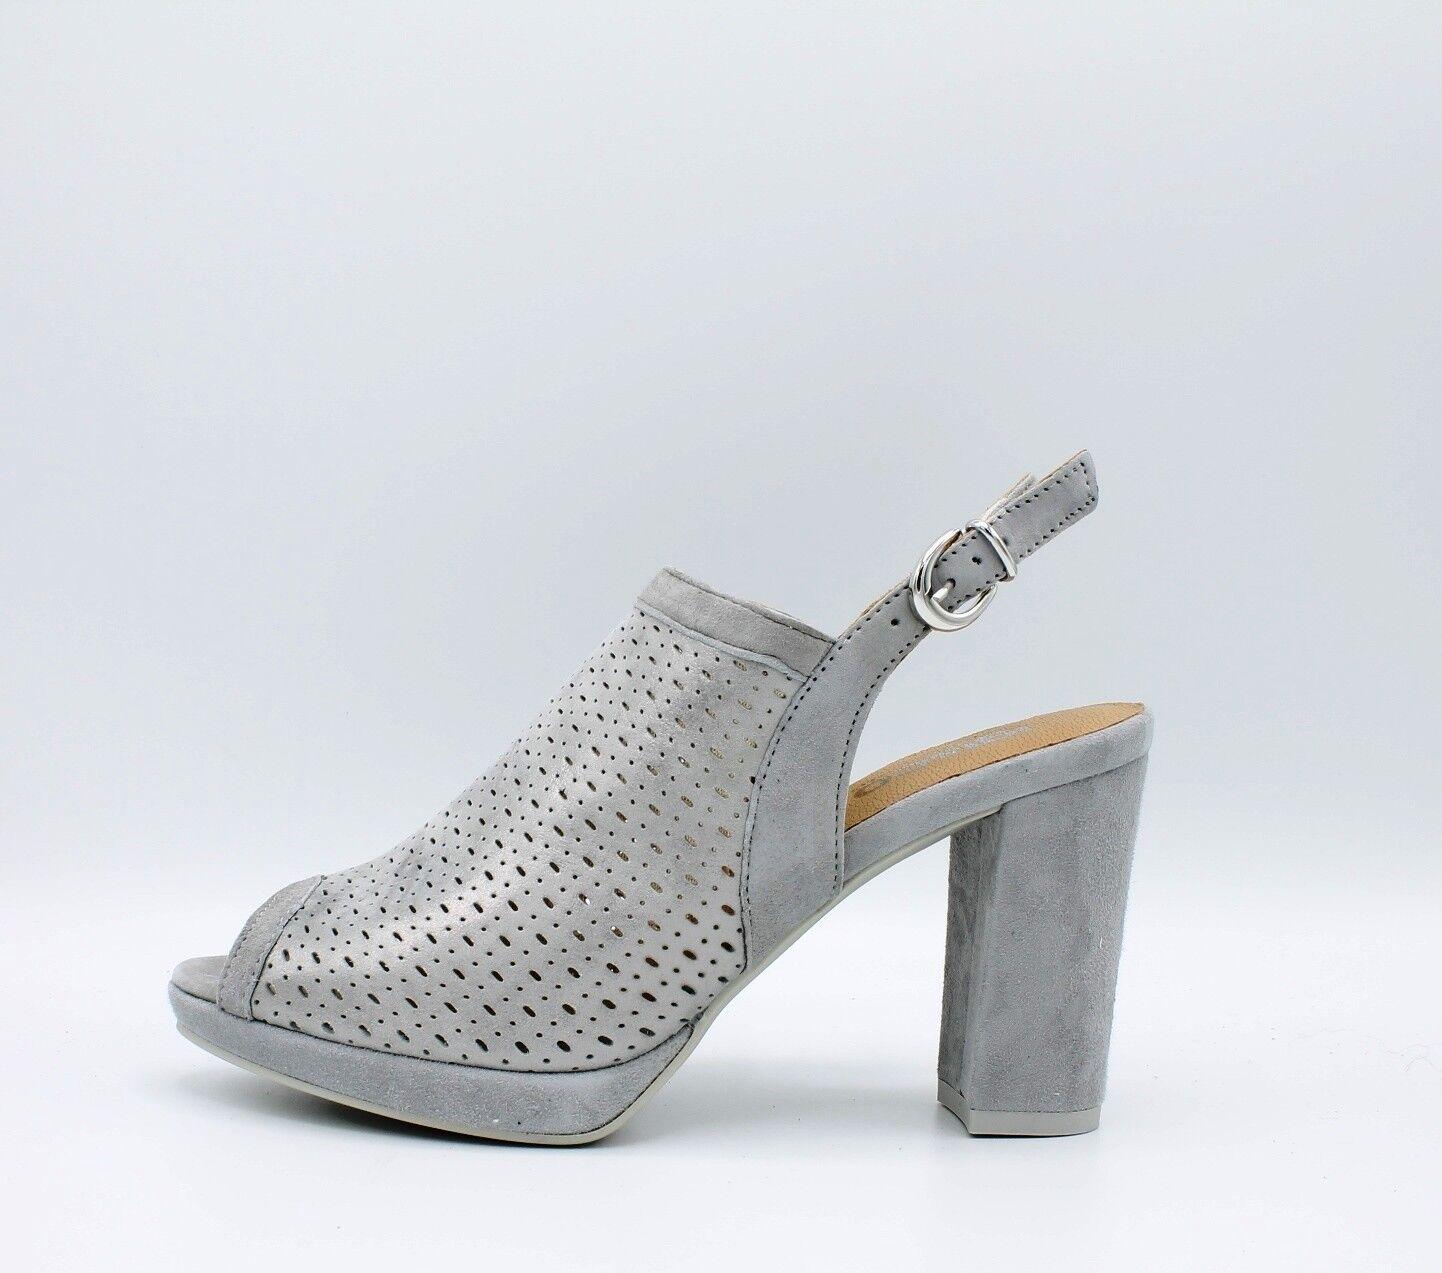 IGI & CO. DVE 1168311 sandalias de mujer tacón plataforma ante perforado acero